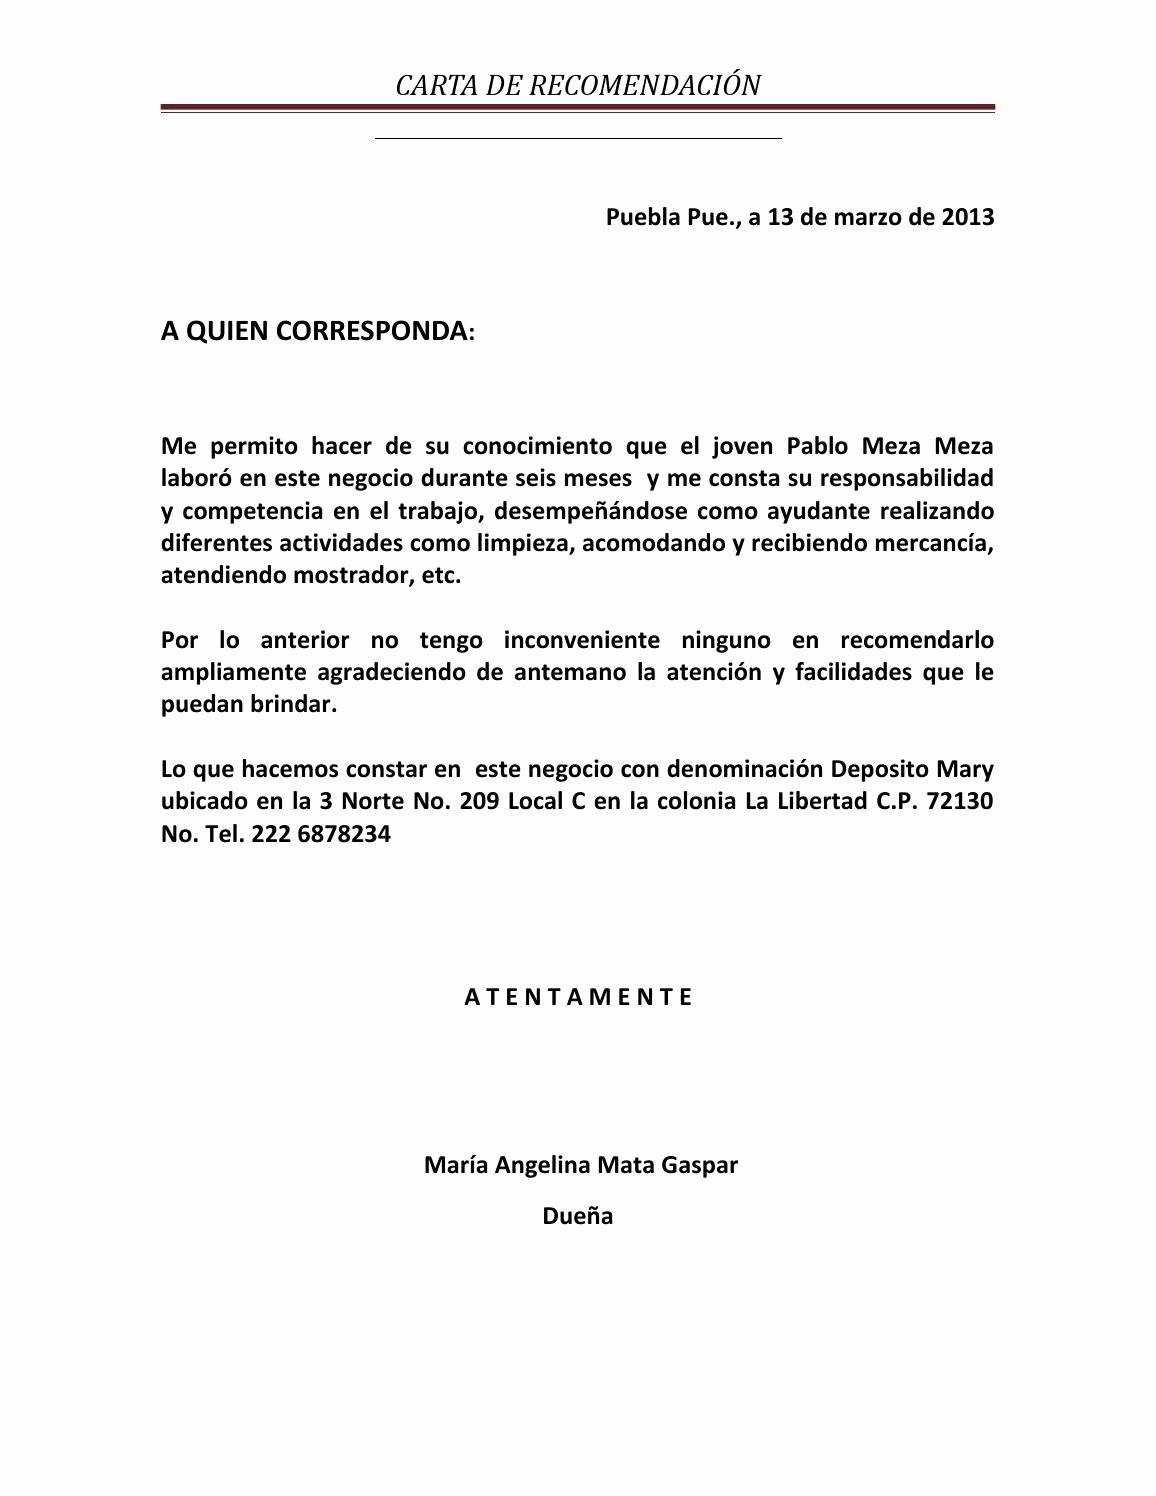 Cartas De Recomendacion Personales Ejemplos Fresh Carta Re Endacion Pablom by Hilario issuu